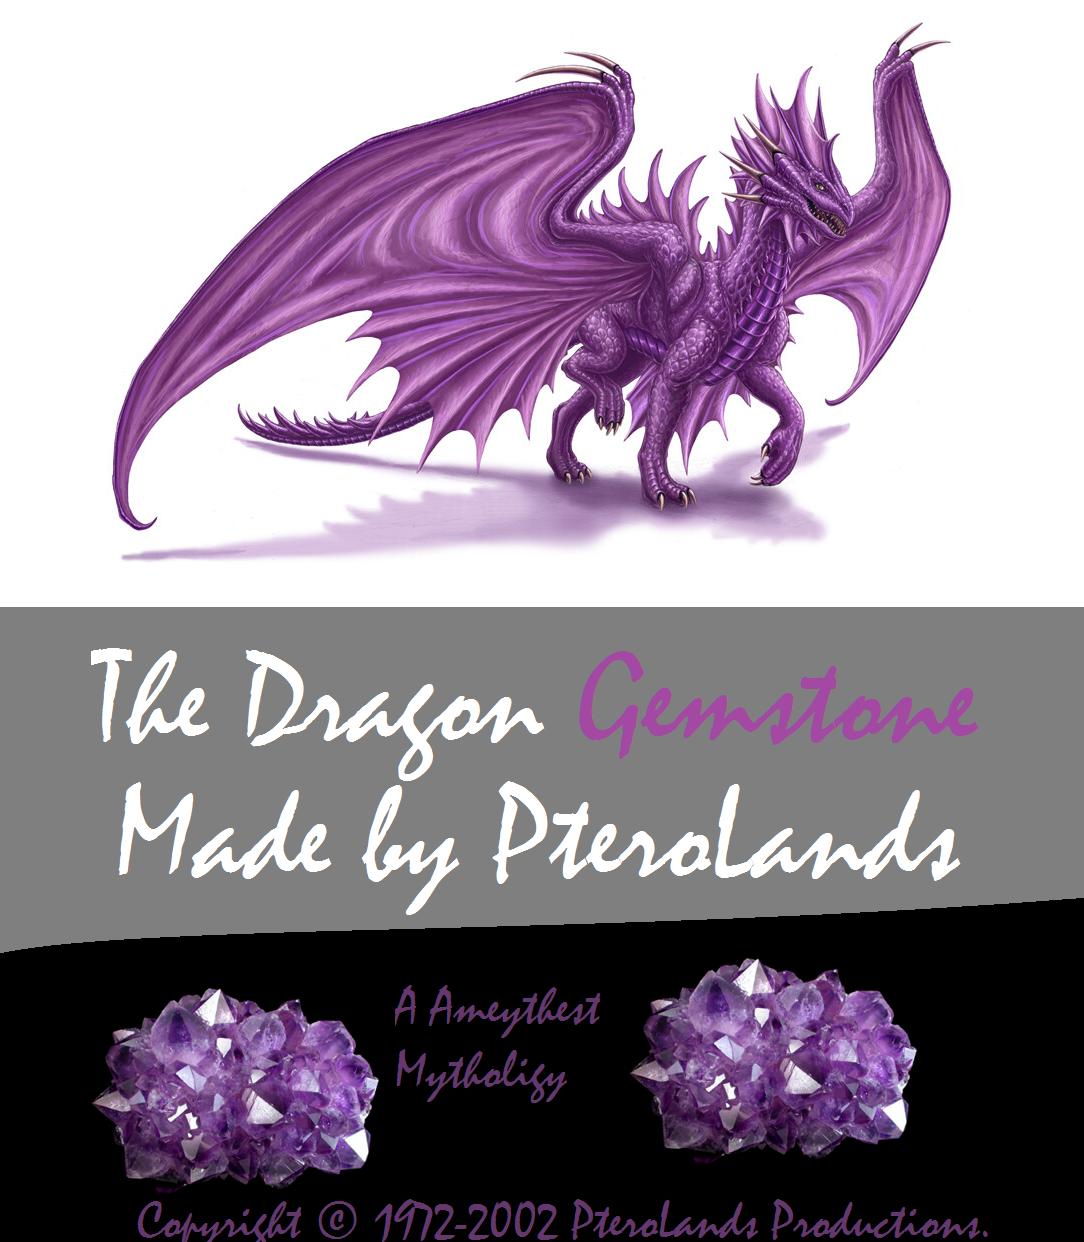 The Dragon Gemstone